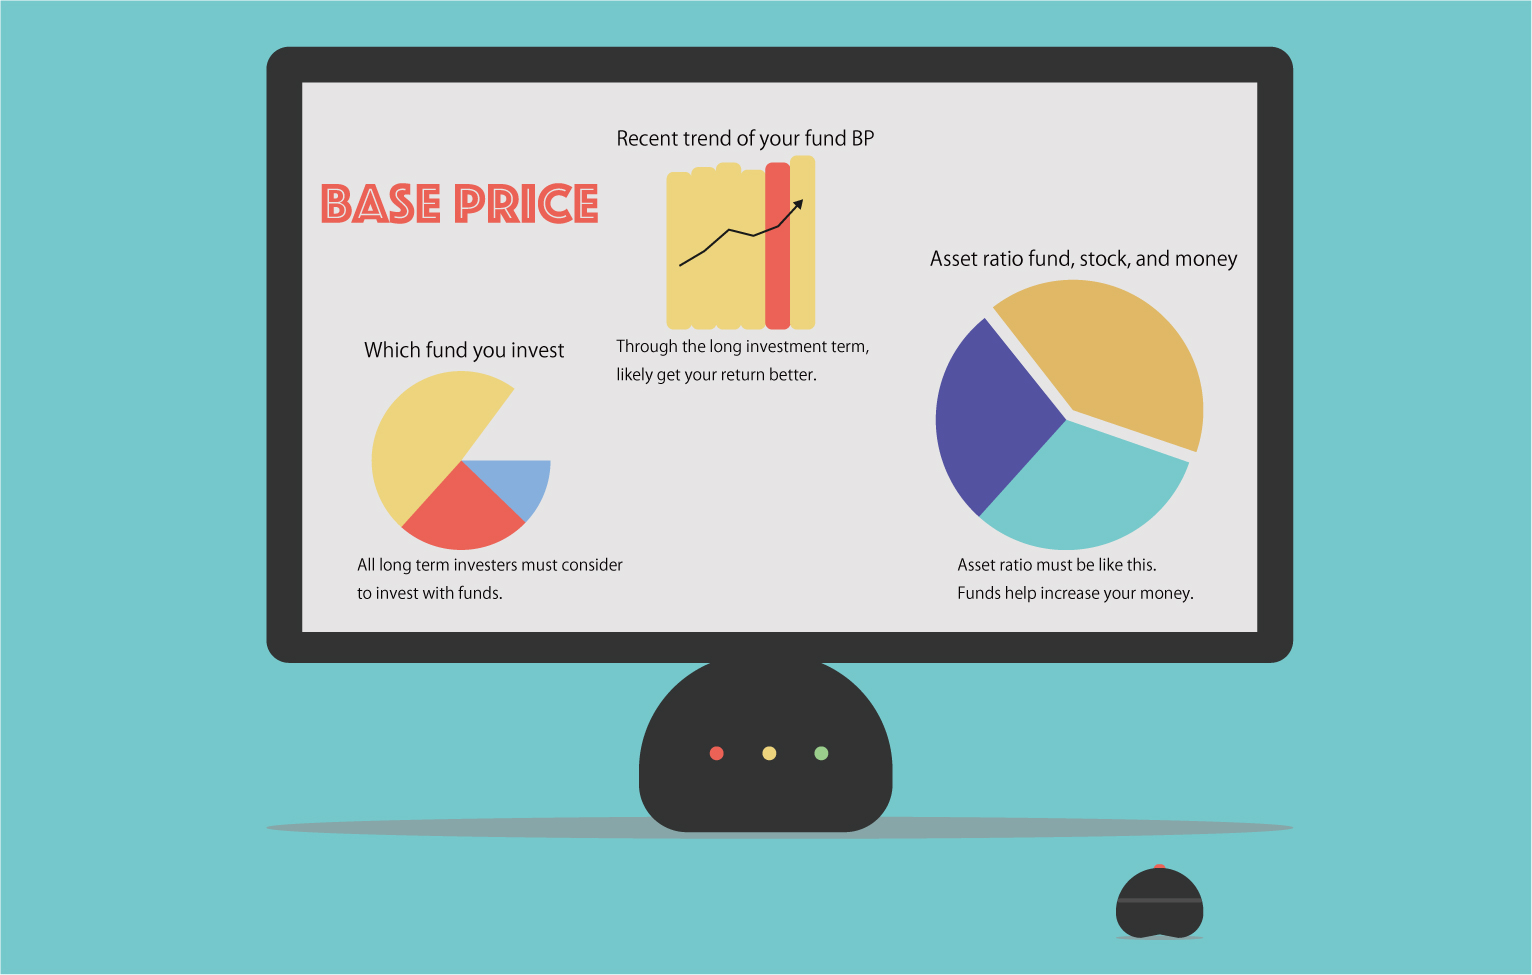 「基準価額とは?」iDeCo・確定拠出年金を始める前に知っておきたい「儲け」を出す仕組みを解説します。【投資信託】